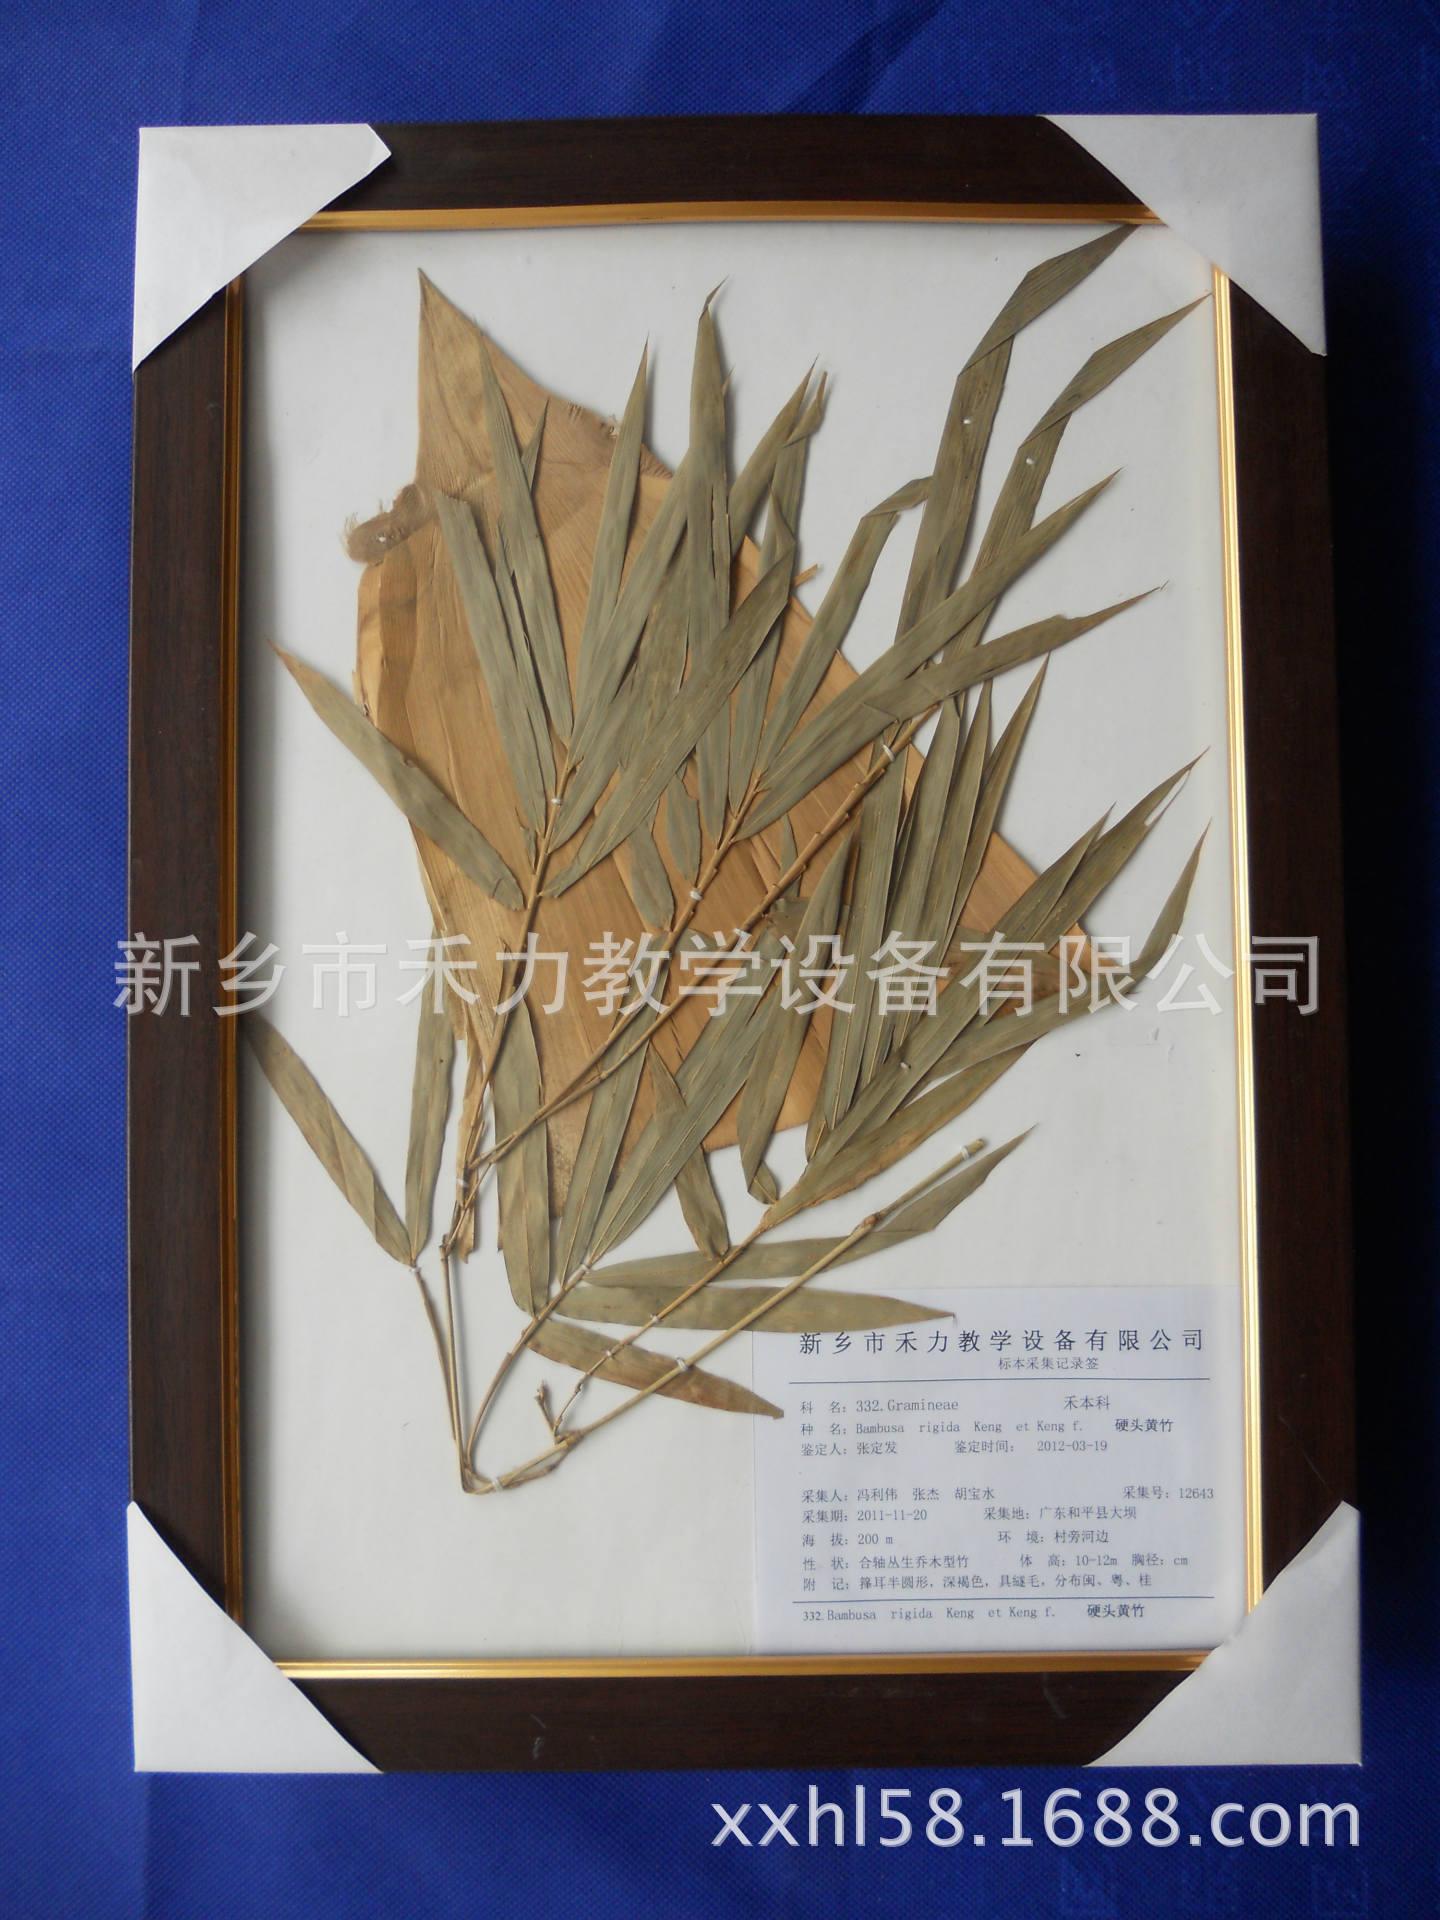 腊叶标本干制标本植物标本硬头黄竹